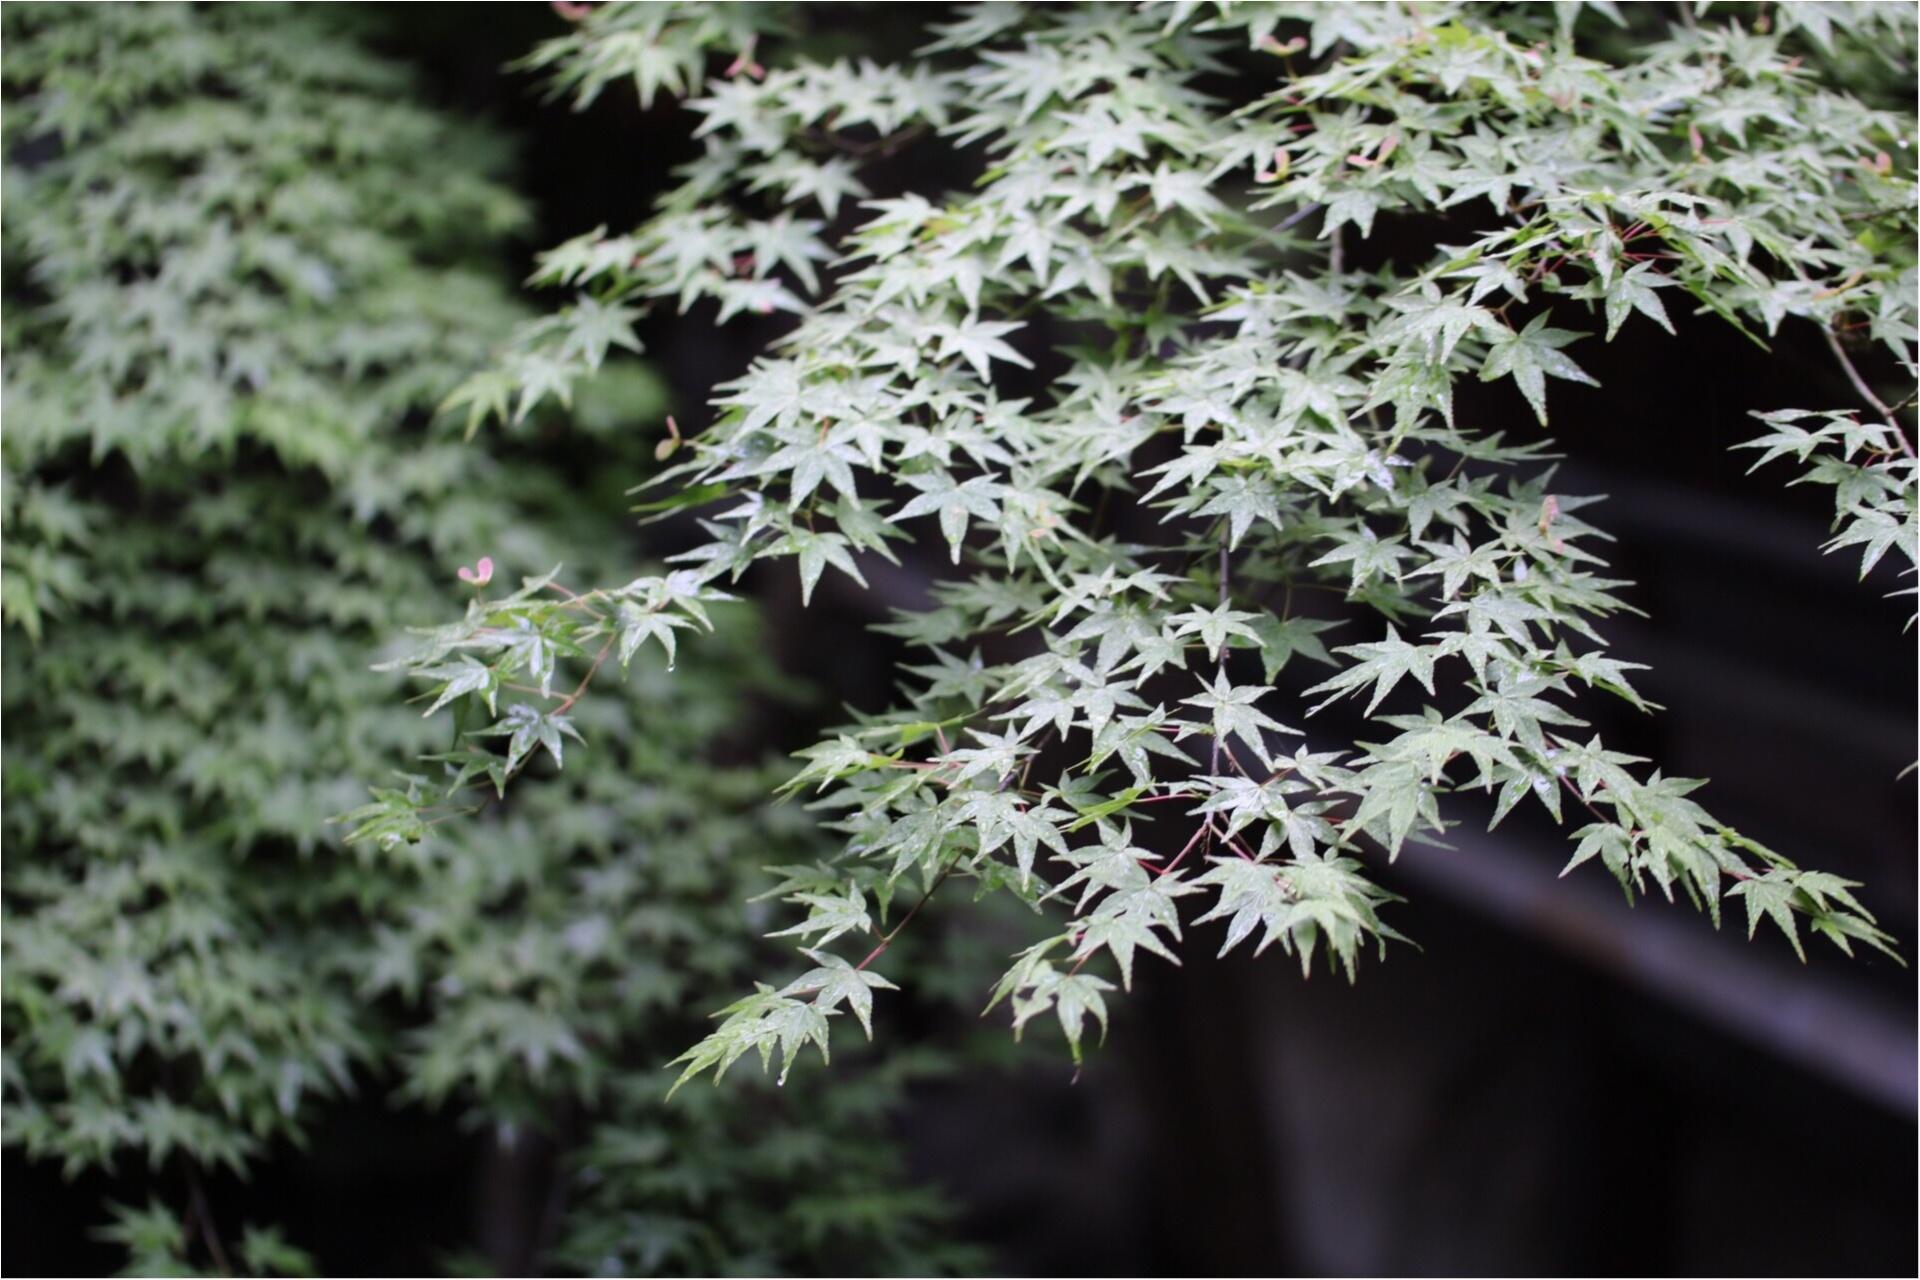 【京都】無鄰菴で新緑を眺めながら抹茶を飲みませんか?*_2